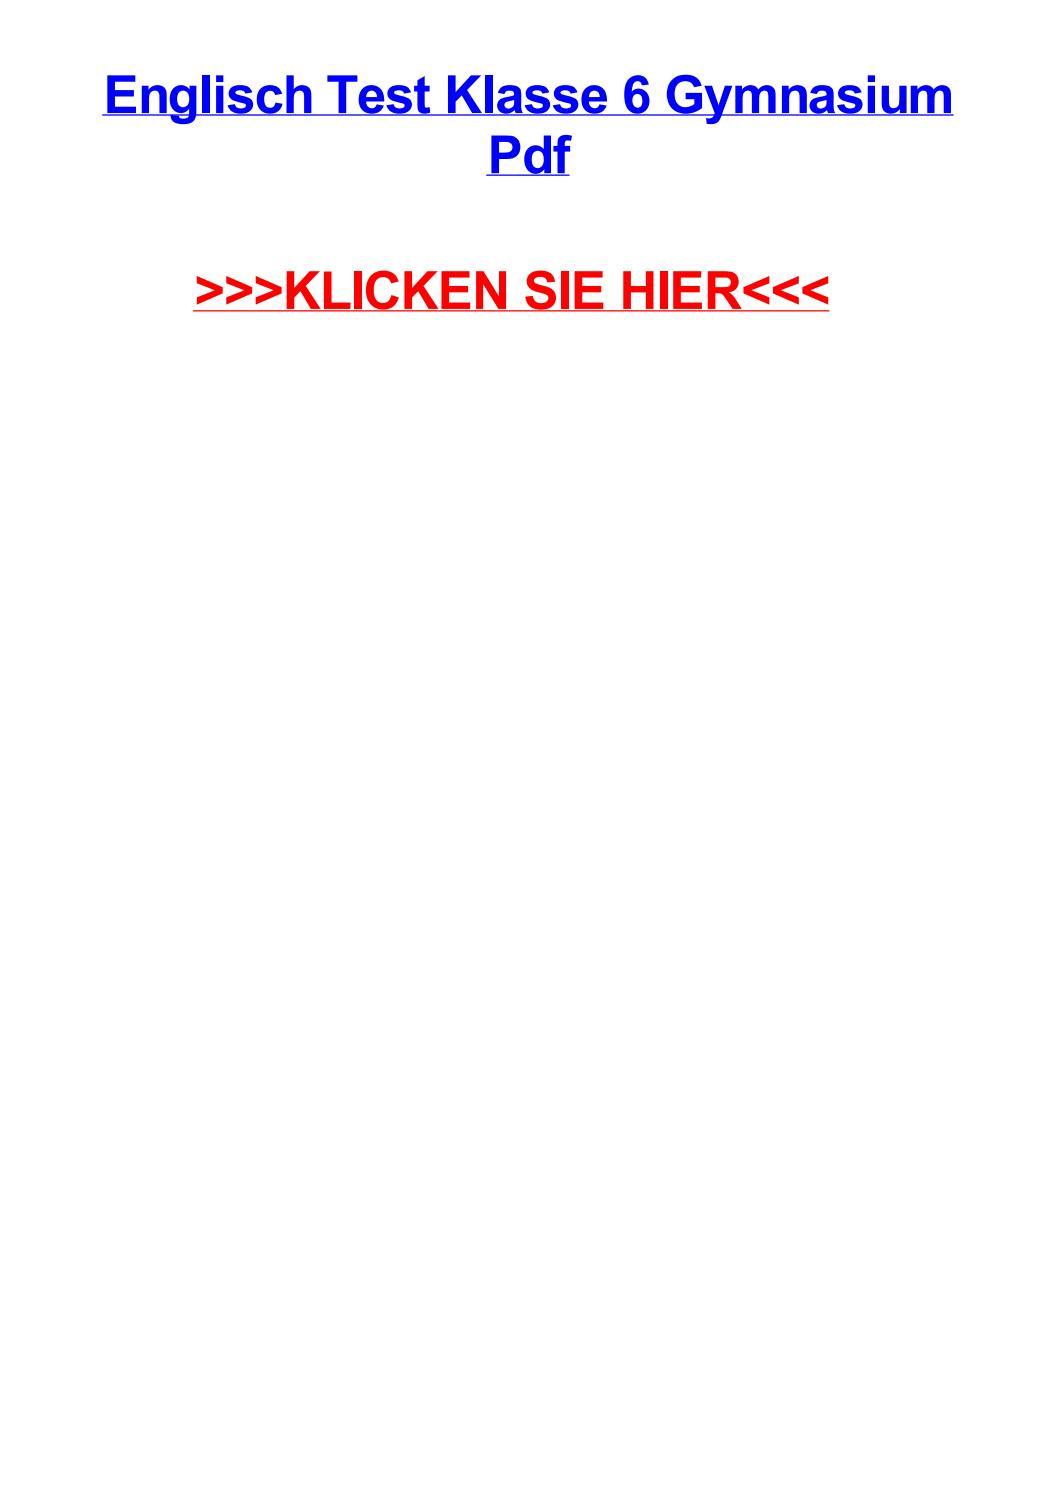 Nett Esl Mathe Arbeitsblatt Pdf Zeitgenössisch - Gemischte Übungen ...